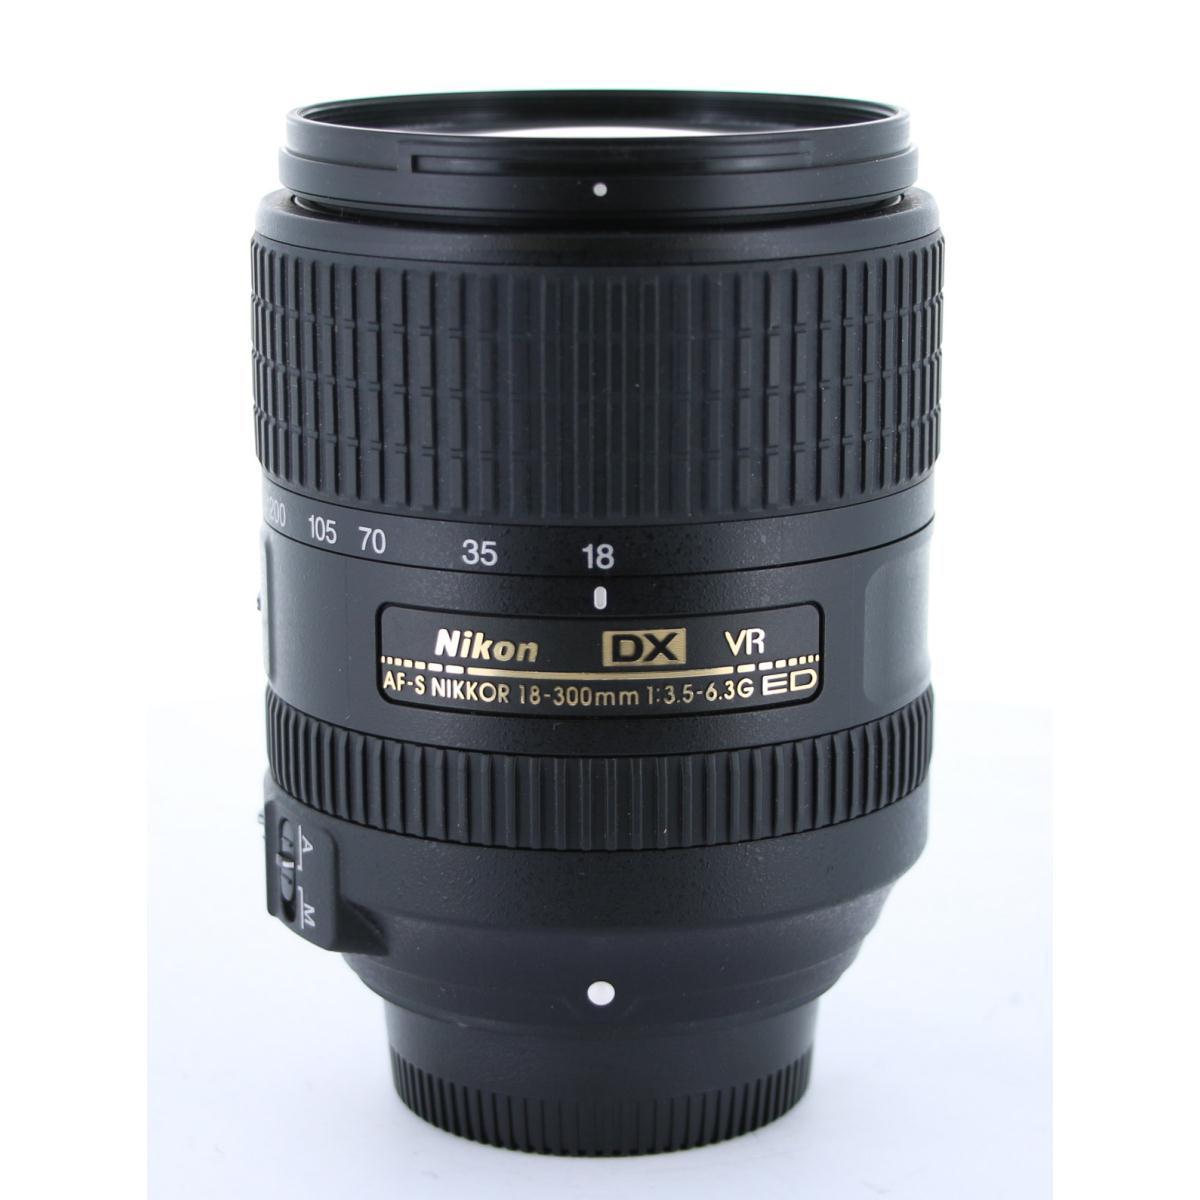 NIKON AF-S DX18-300mm F3.5-6.3G VR【中古】